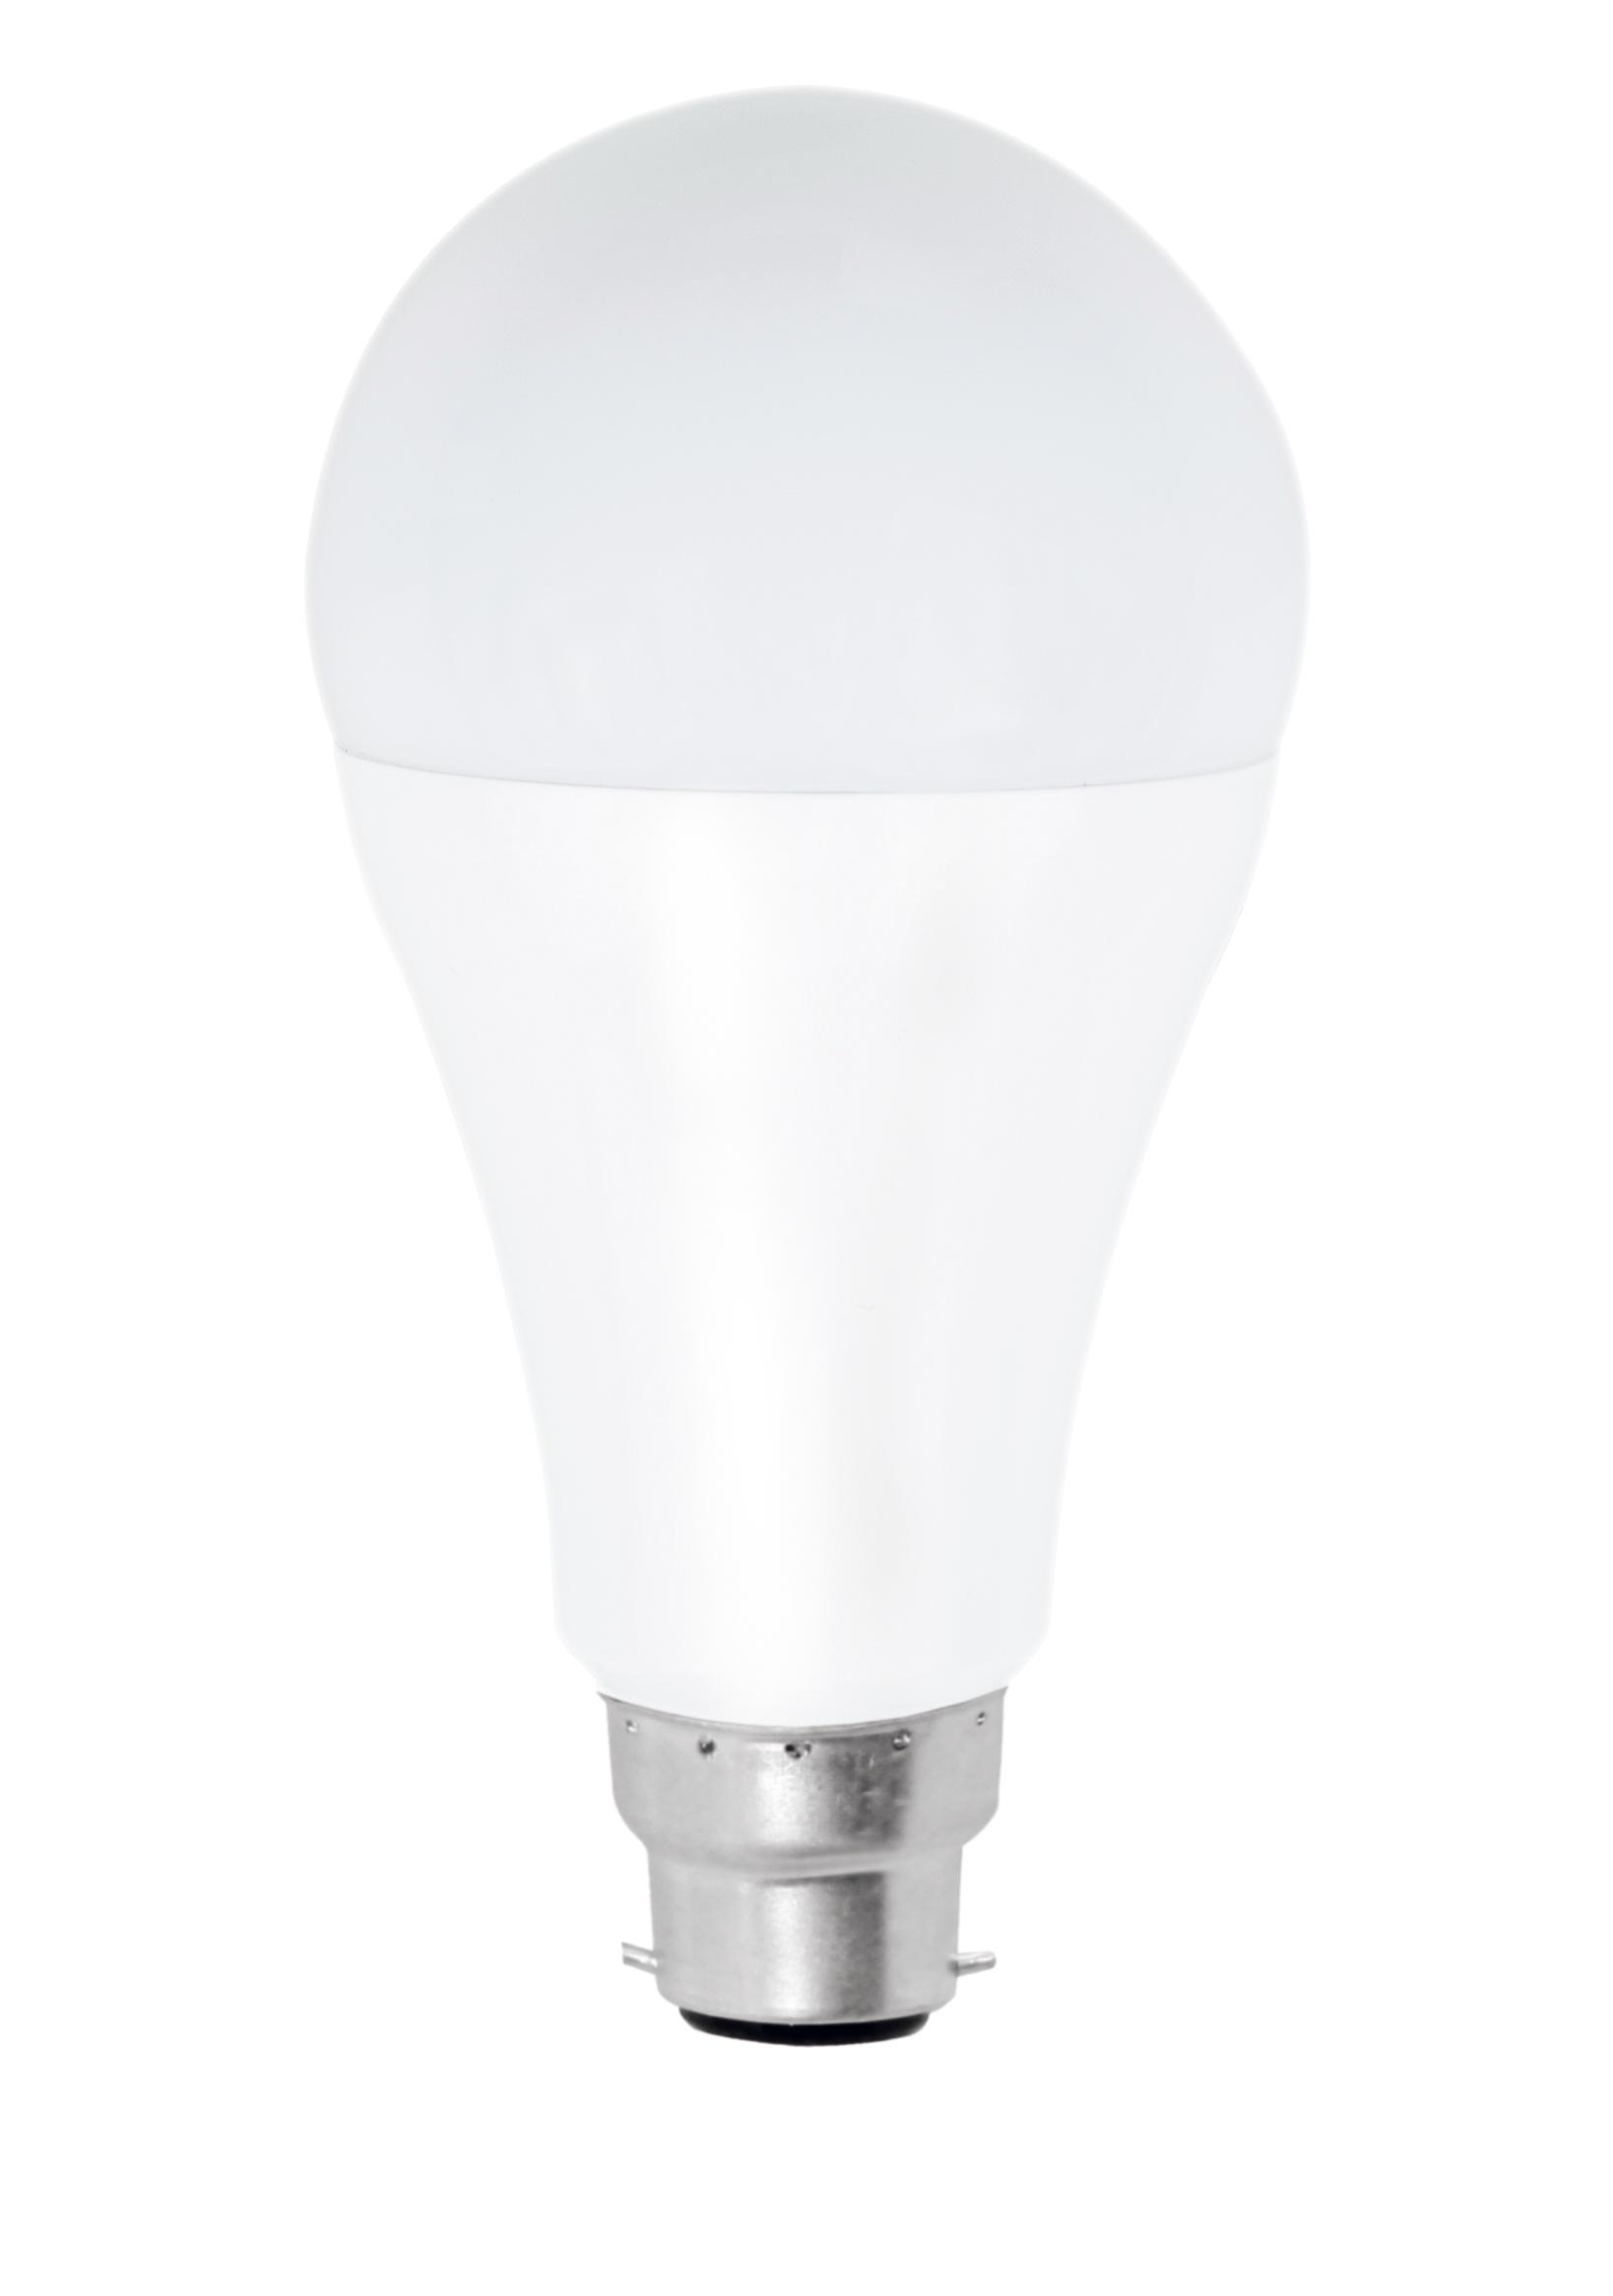 B22 Du Produit A 12w Led Composant Lampe 2700 KArcade XOPkNn0w8